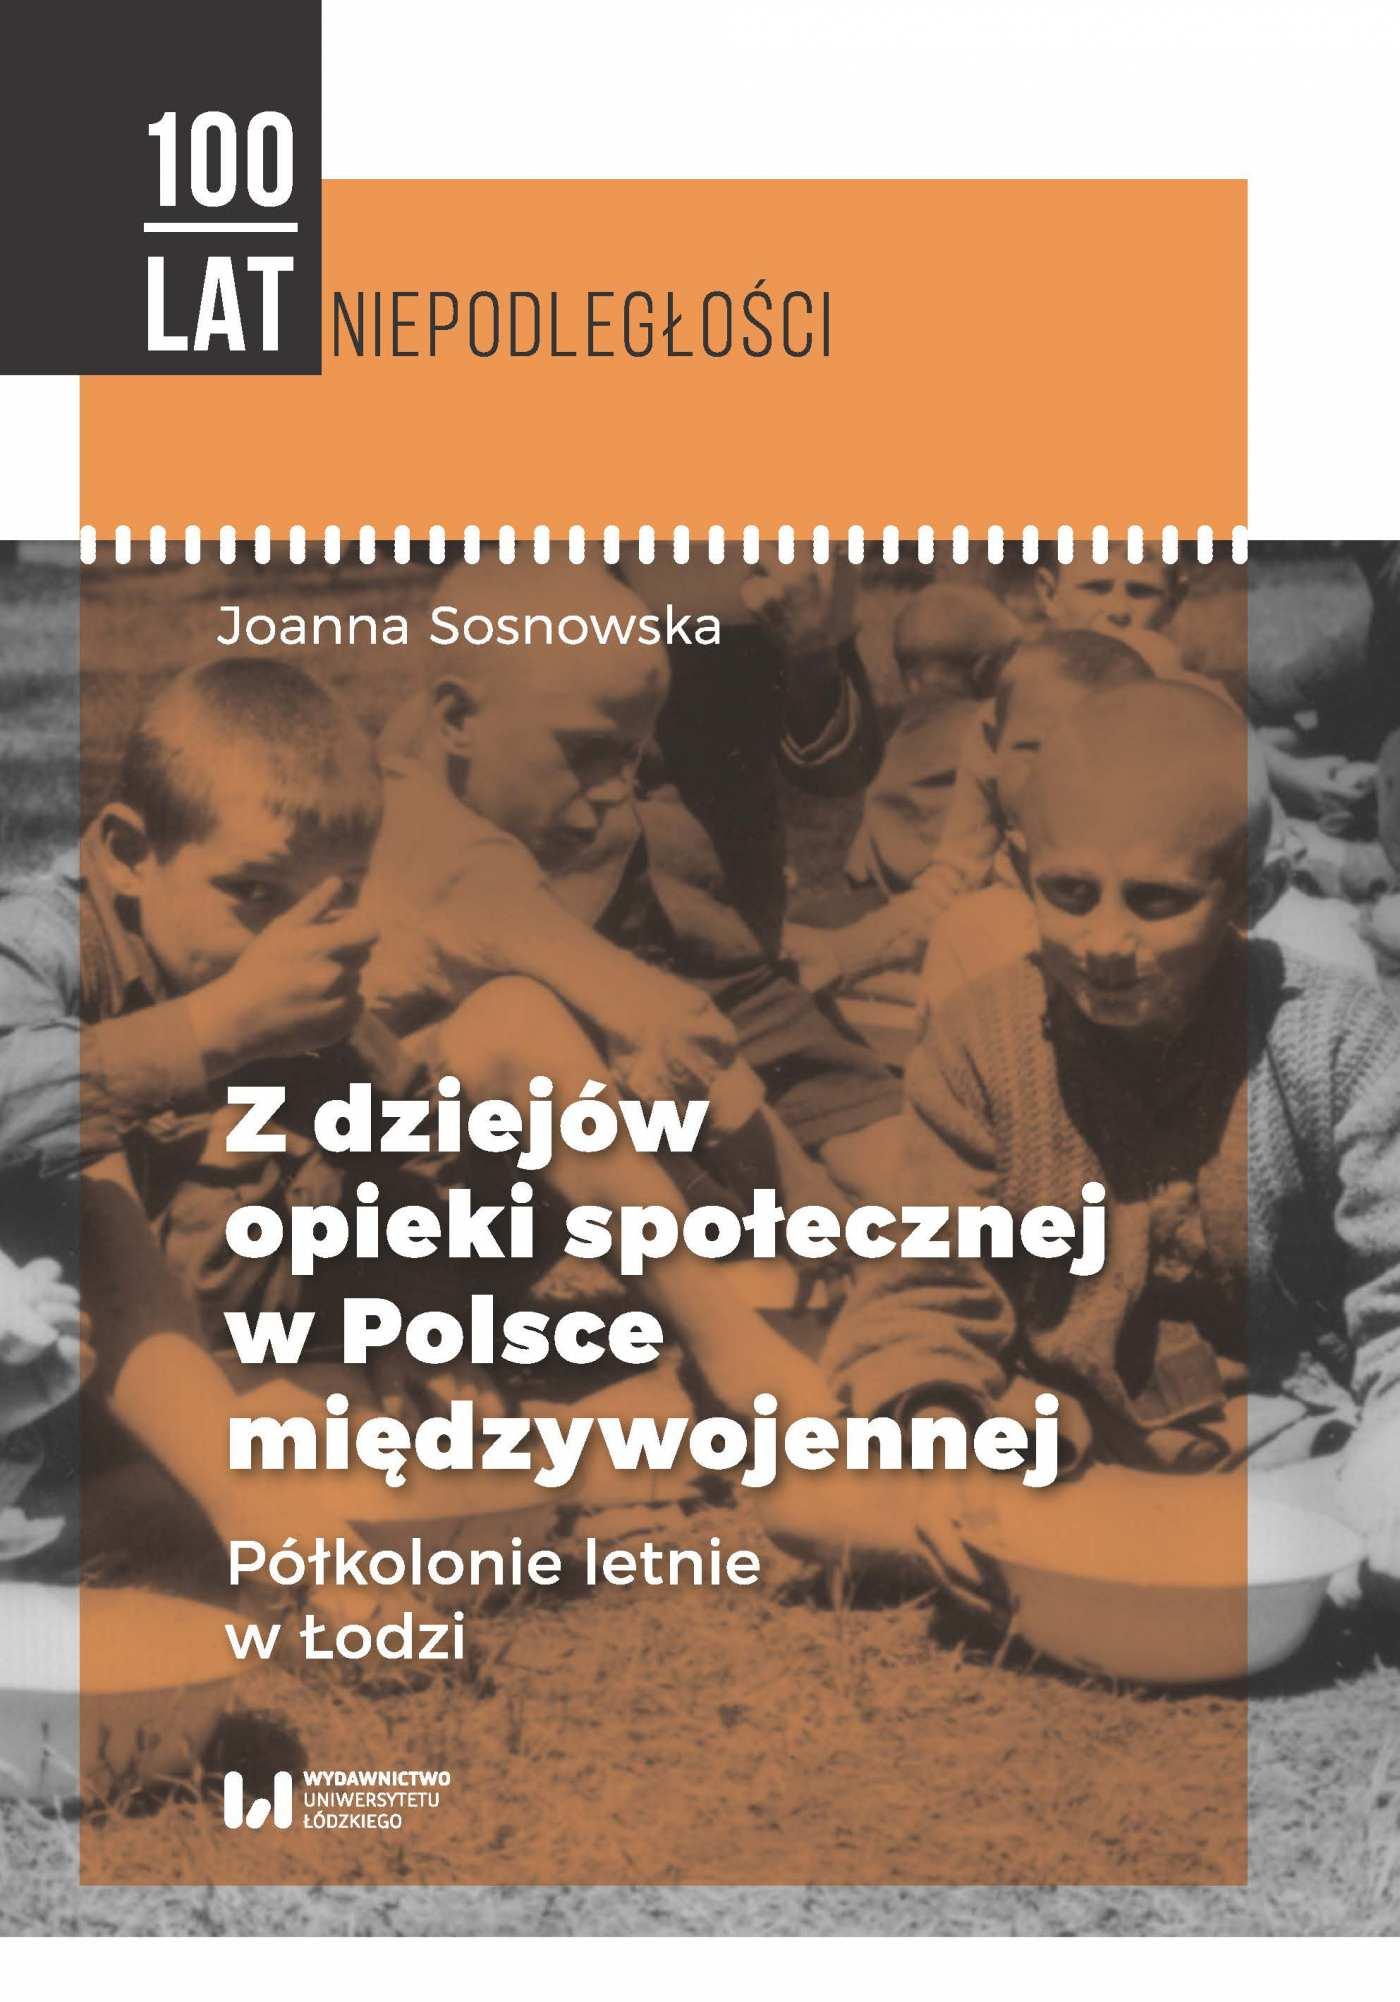 Z dziejów opieki społecznej w Polsce międzywojennej. Półkolonie letnie w Łodzi - Ebook (Książka PDF) do pobrania w formacie PDF